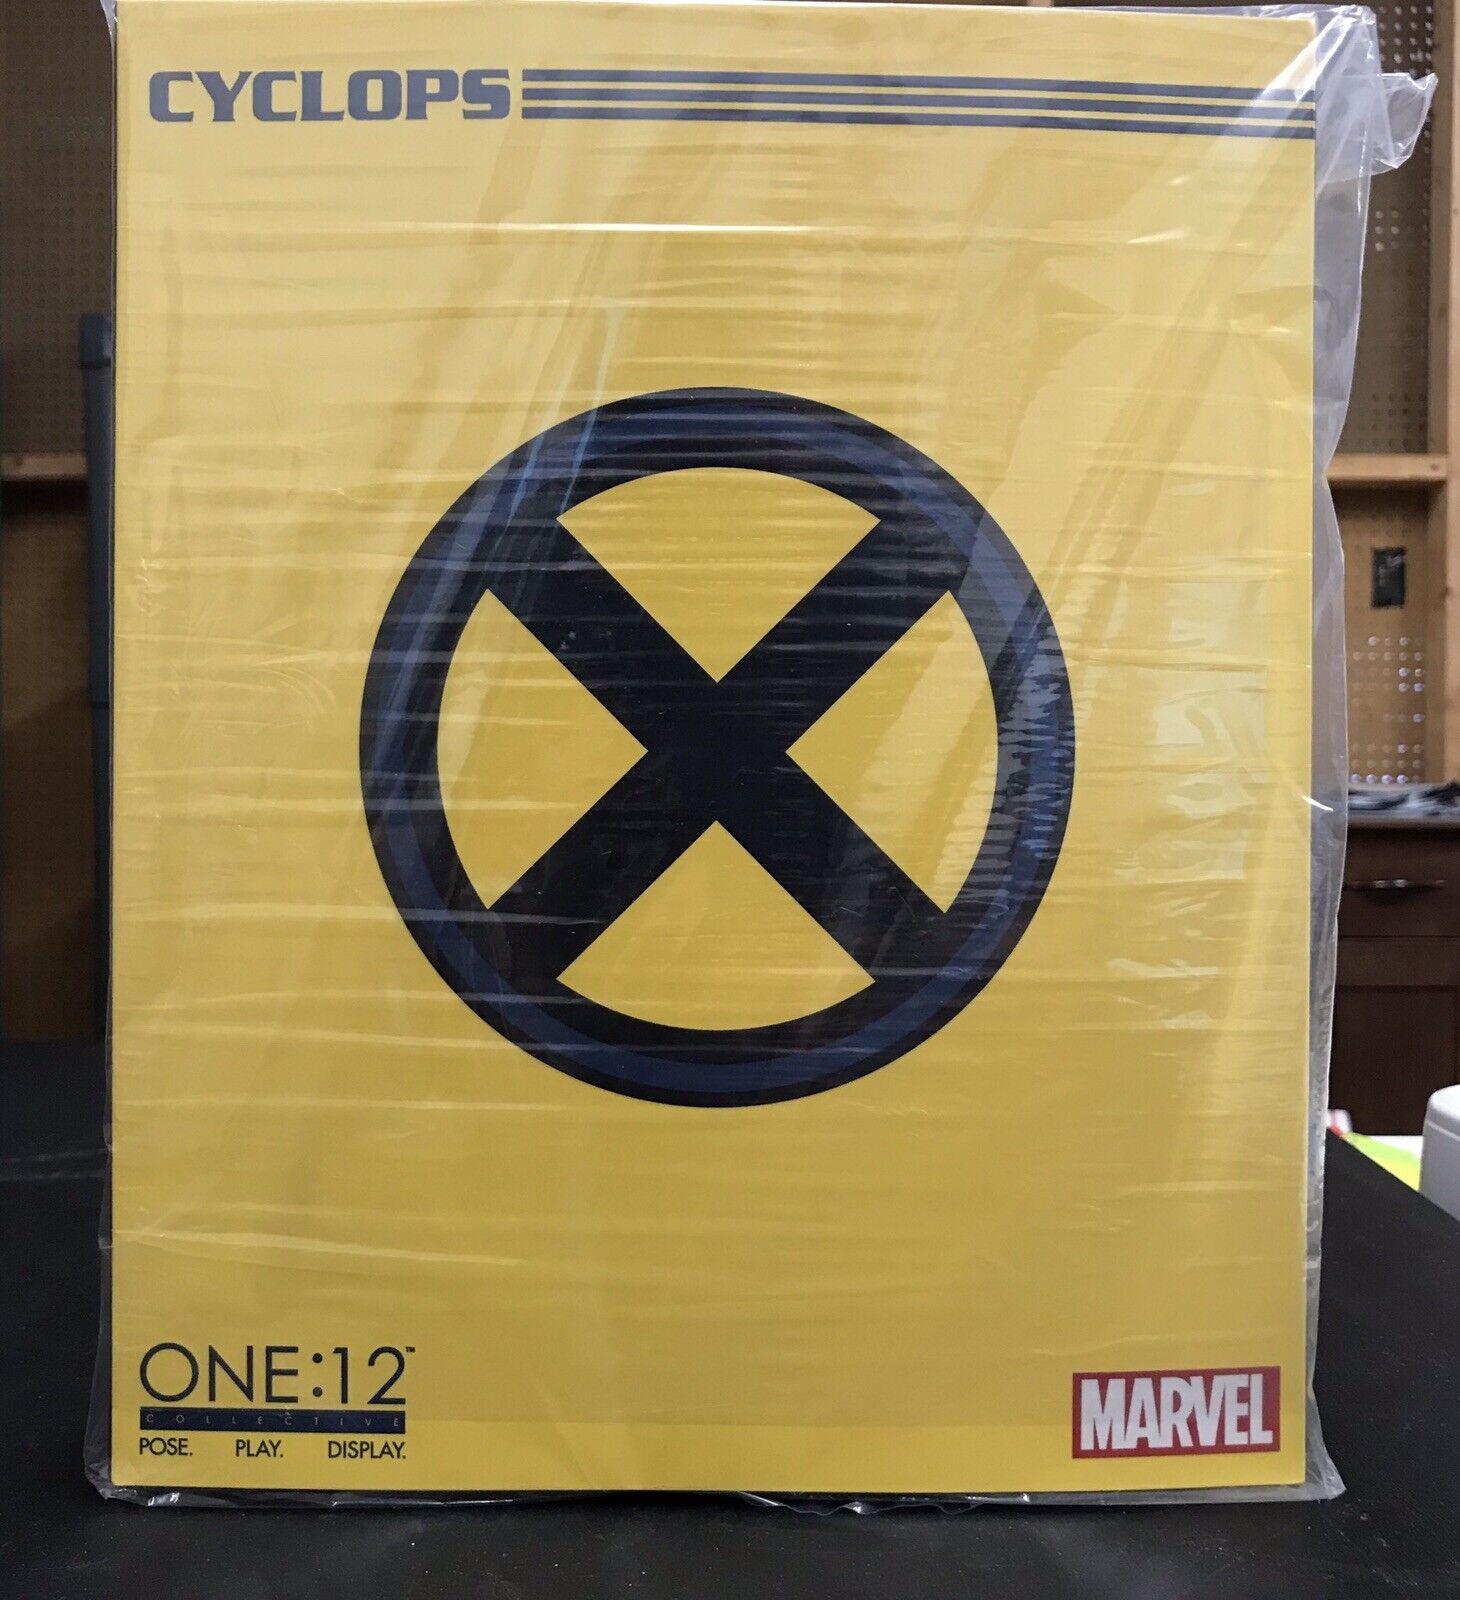 Mezco Spielzeugz Marvel X-menschen Cyclops One 12 Collective Wirkung Figure New Meerled